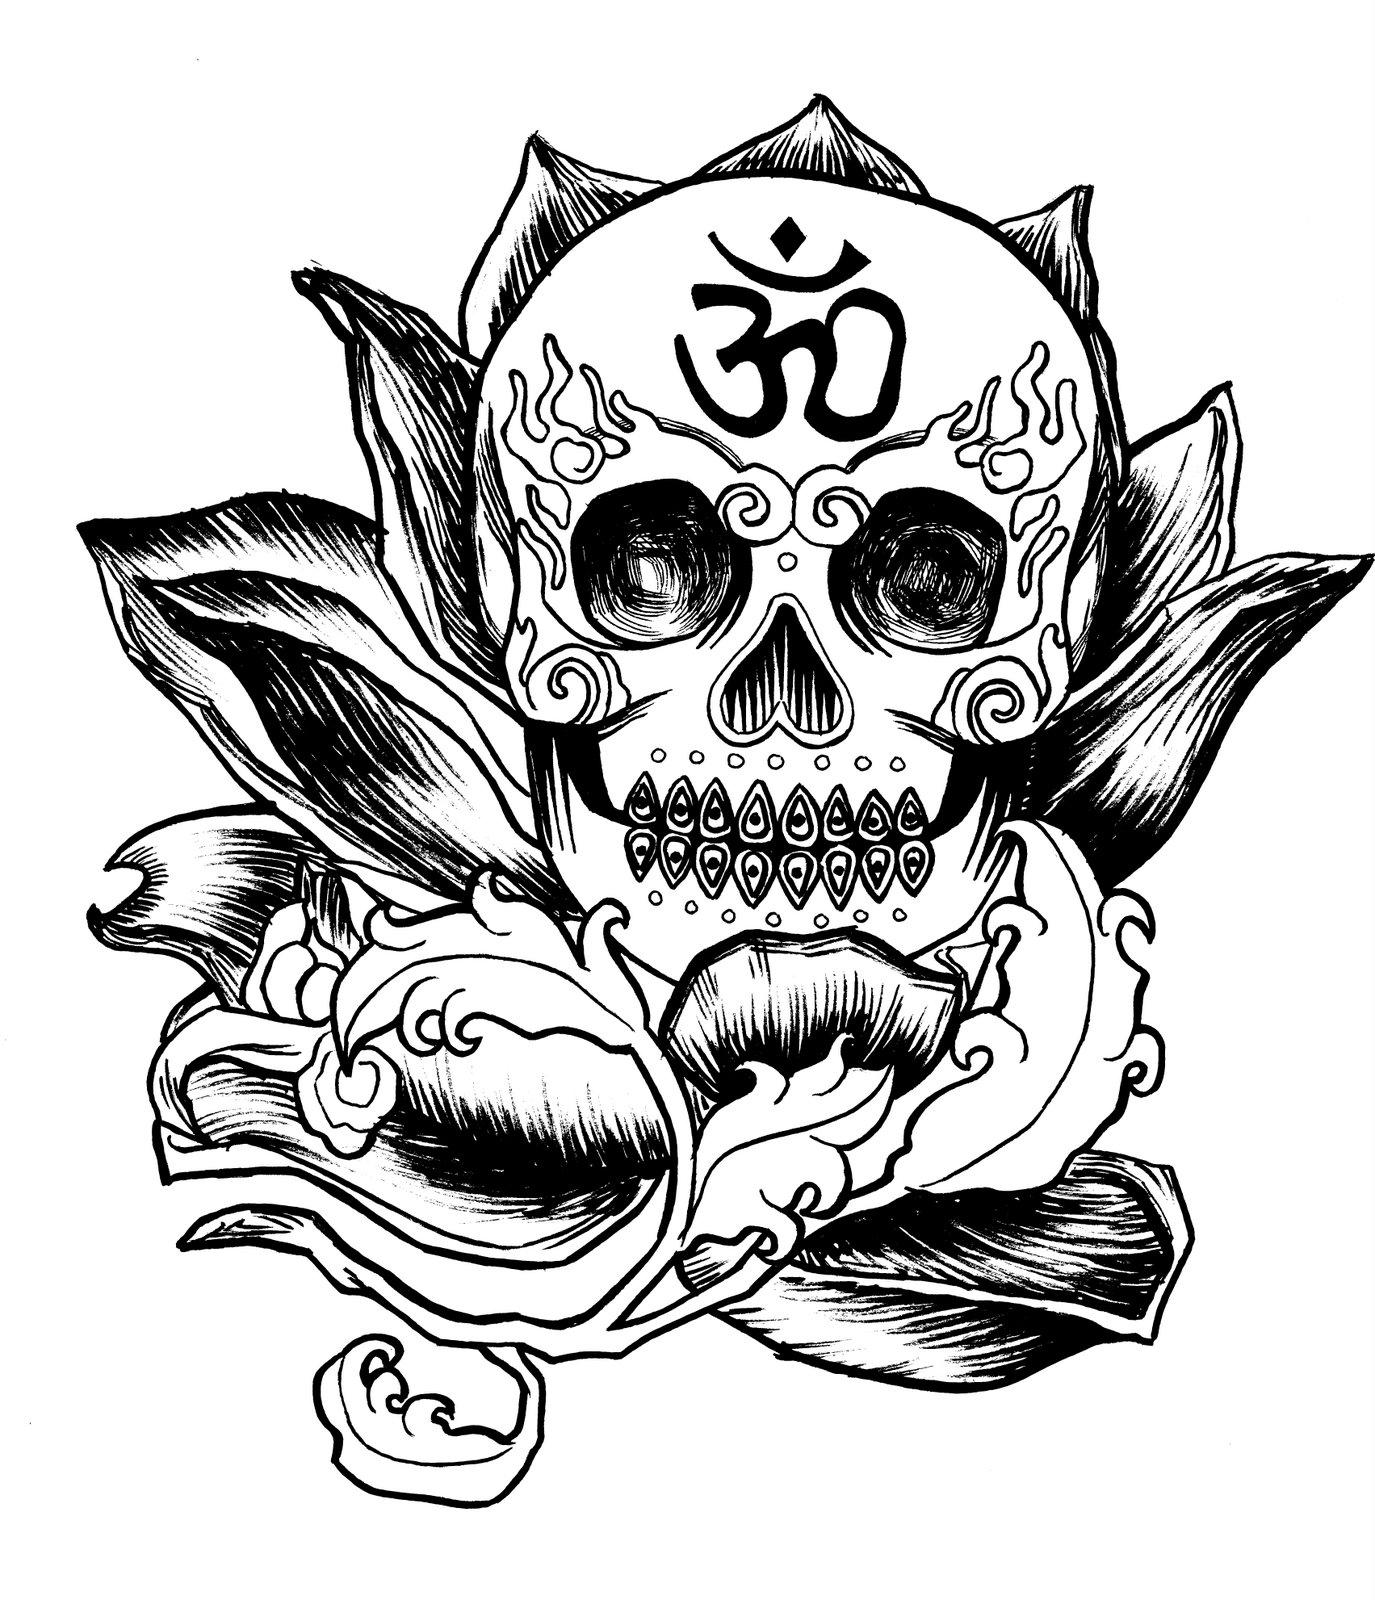 http://4.bp.blogspot.com/_z_3-wqx2JCc/S_rj0bbausI/AAAAAAAAAC0/uRZLxlsLOQ4/s1600/Tibexican+Sugar+Skull+Final+1.jpg